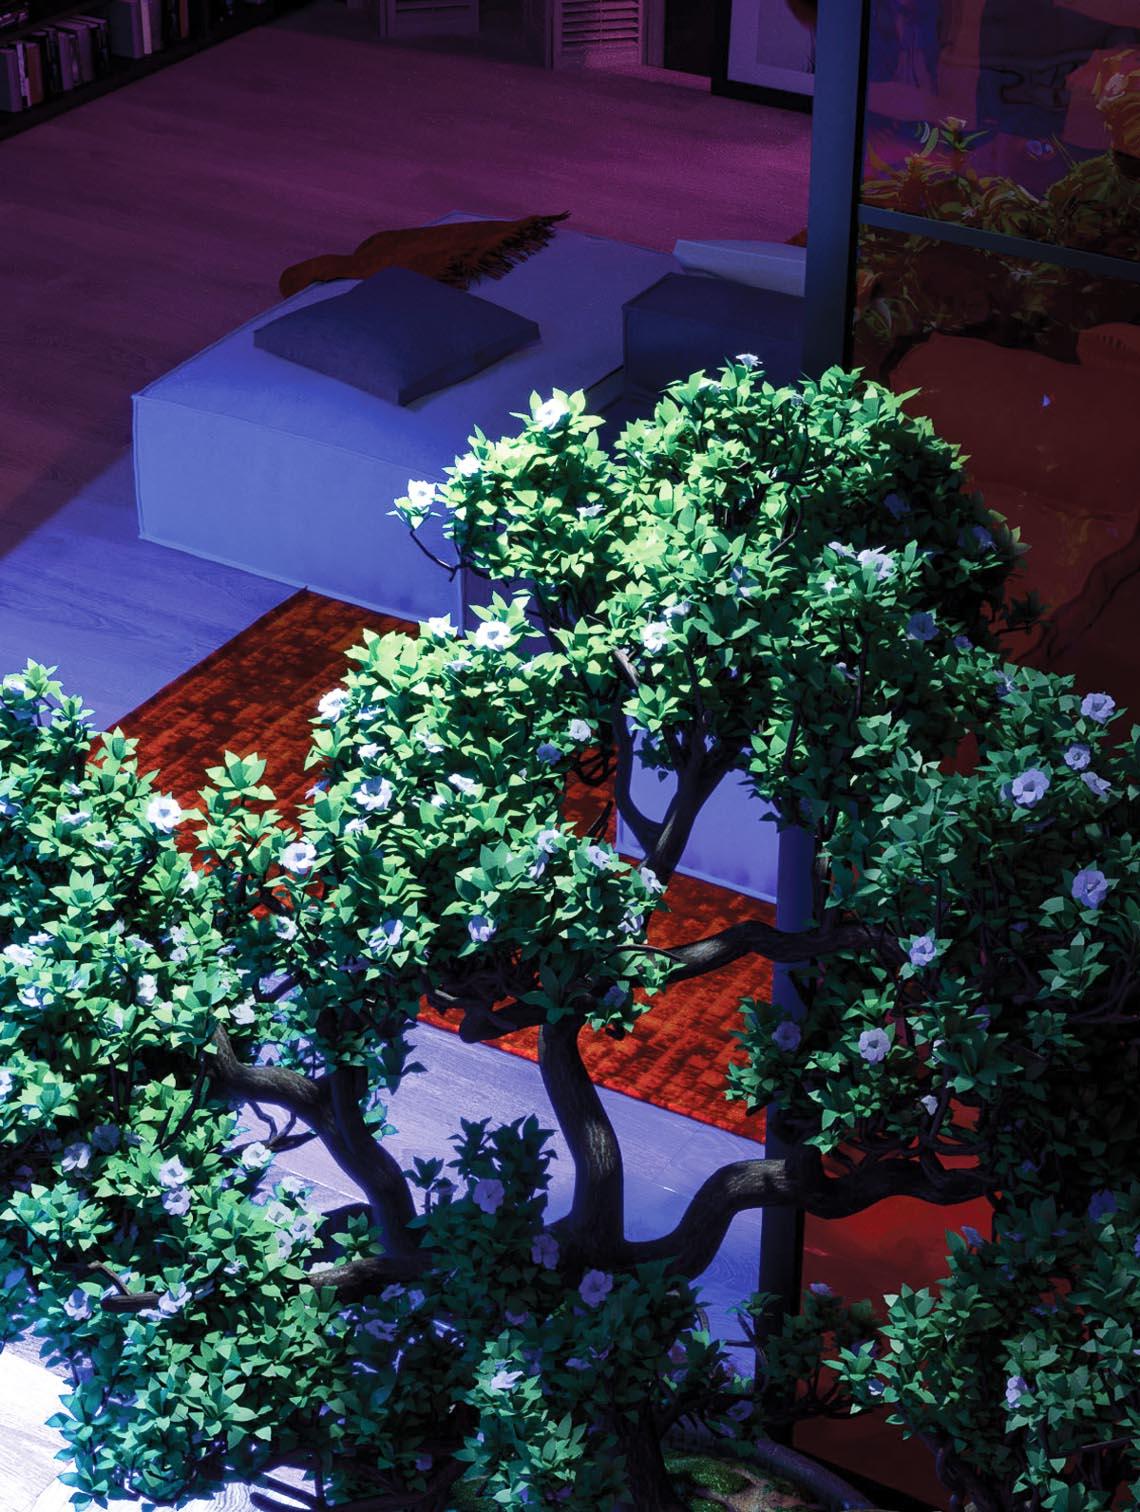 Thiết kế nội thất hiện đại với tông màu đỏ và xám theo phong cách Nhật Bản-22